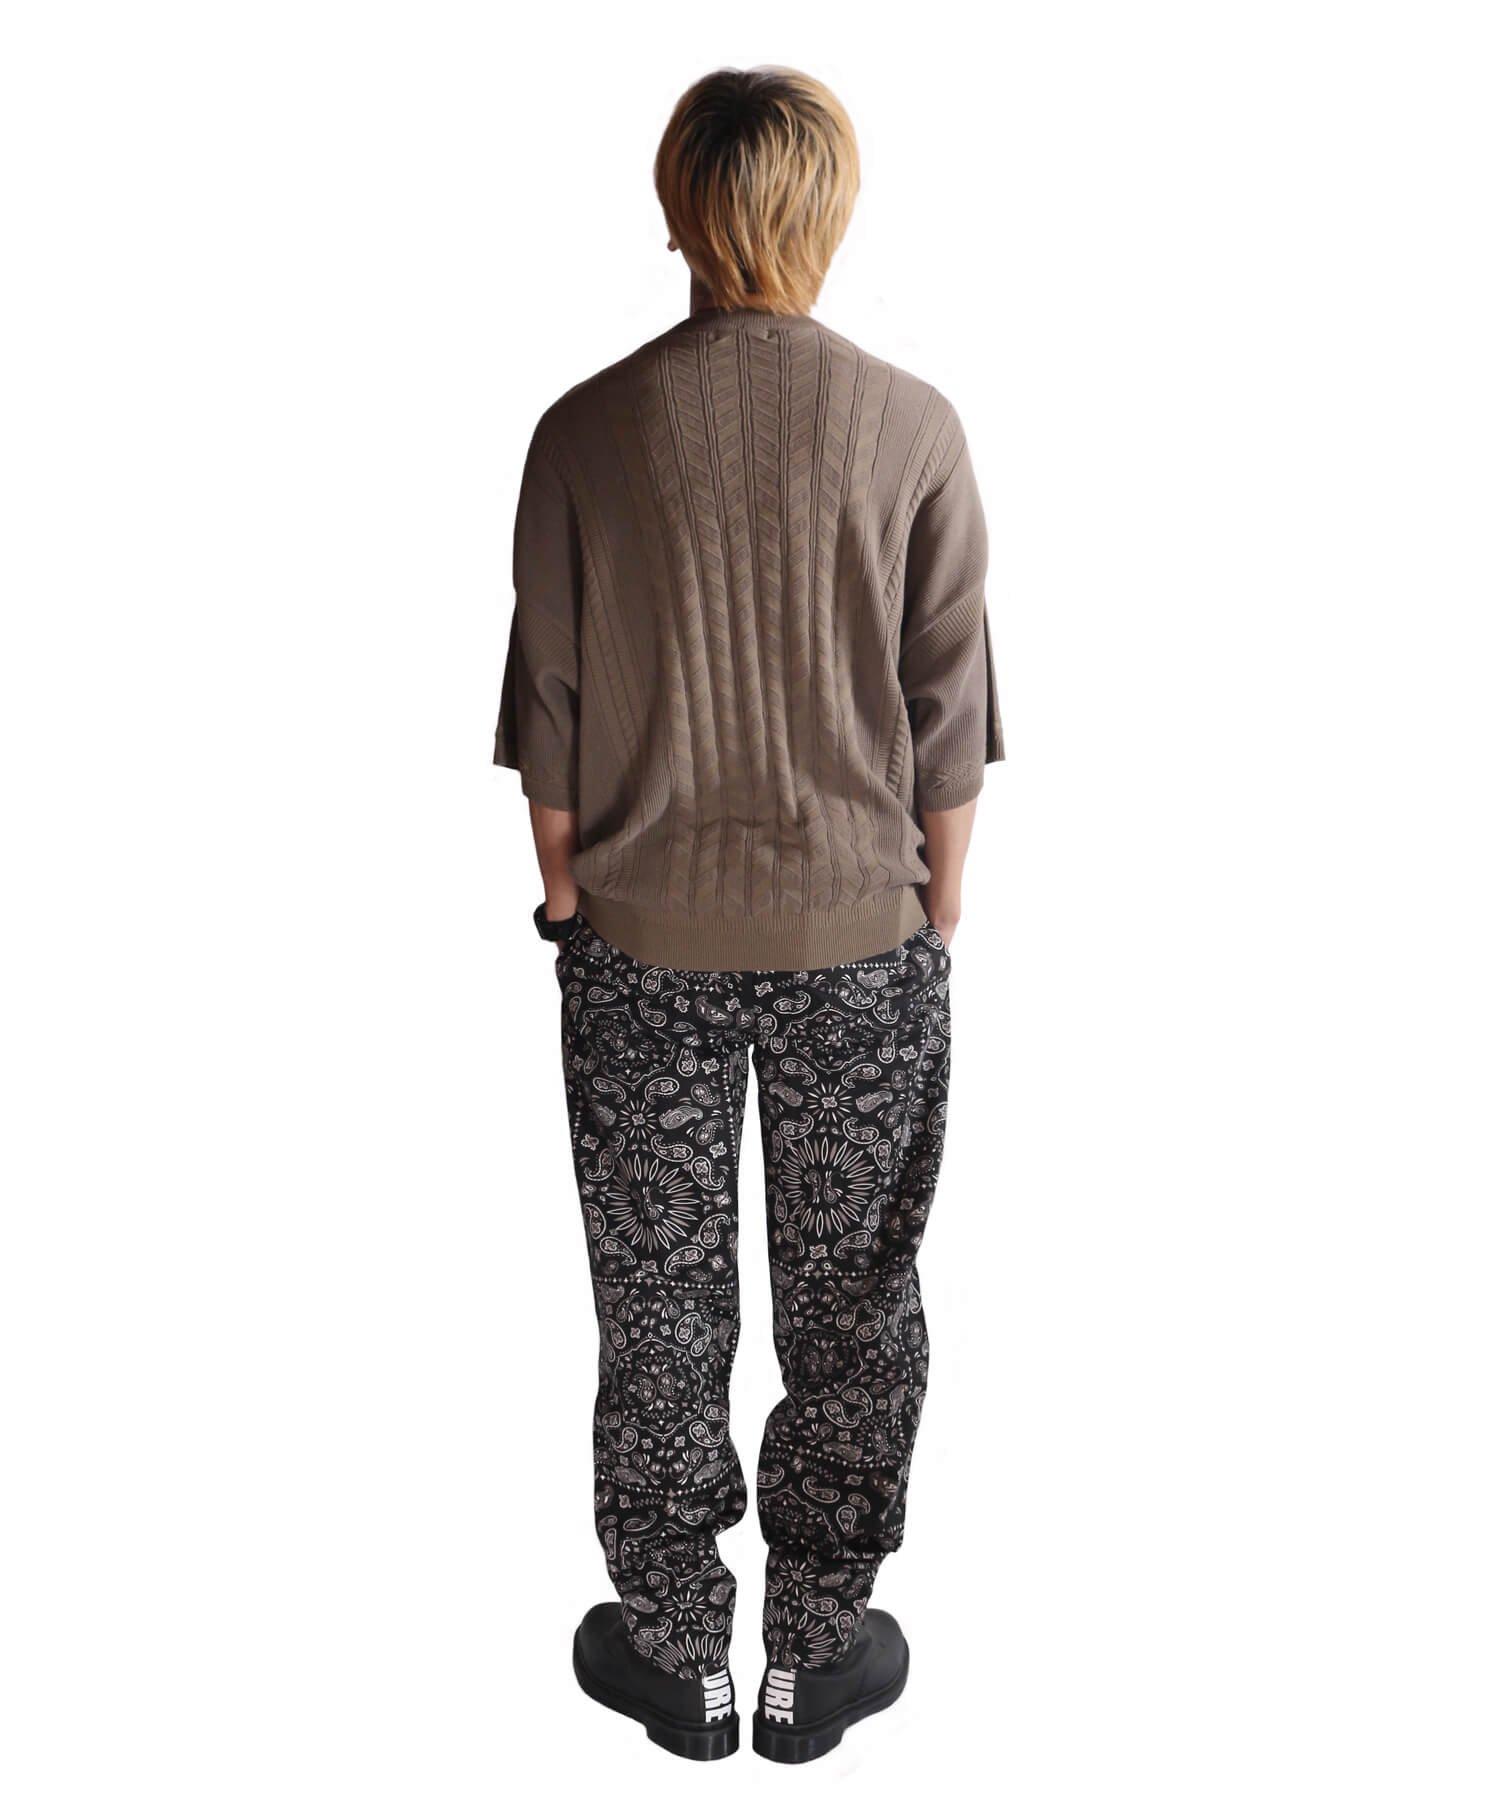 COOKMAN / クックマン   WAITER'S PANTS (PAISLEY BLACK):ウェイターズパンツ 商品画像13